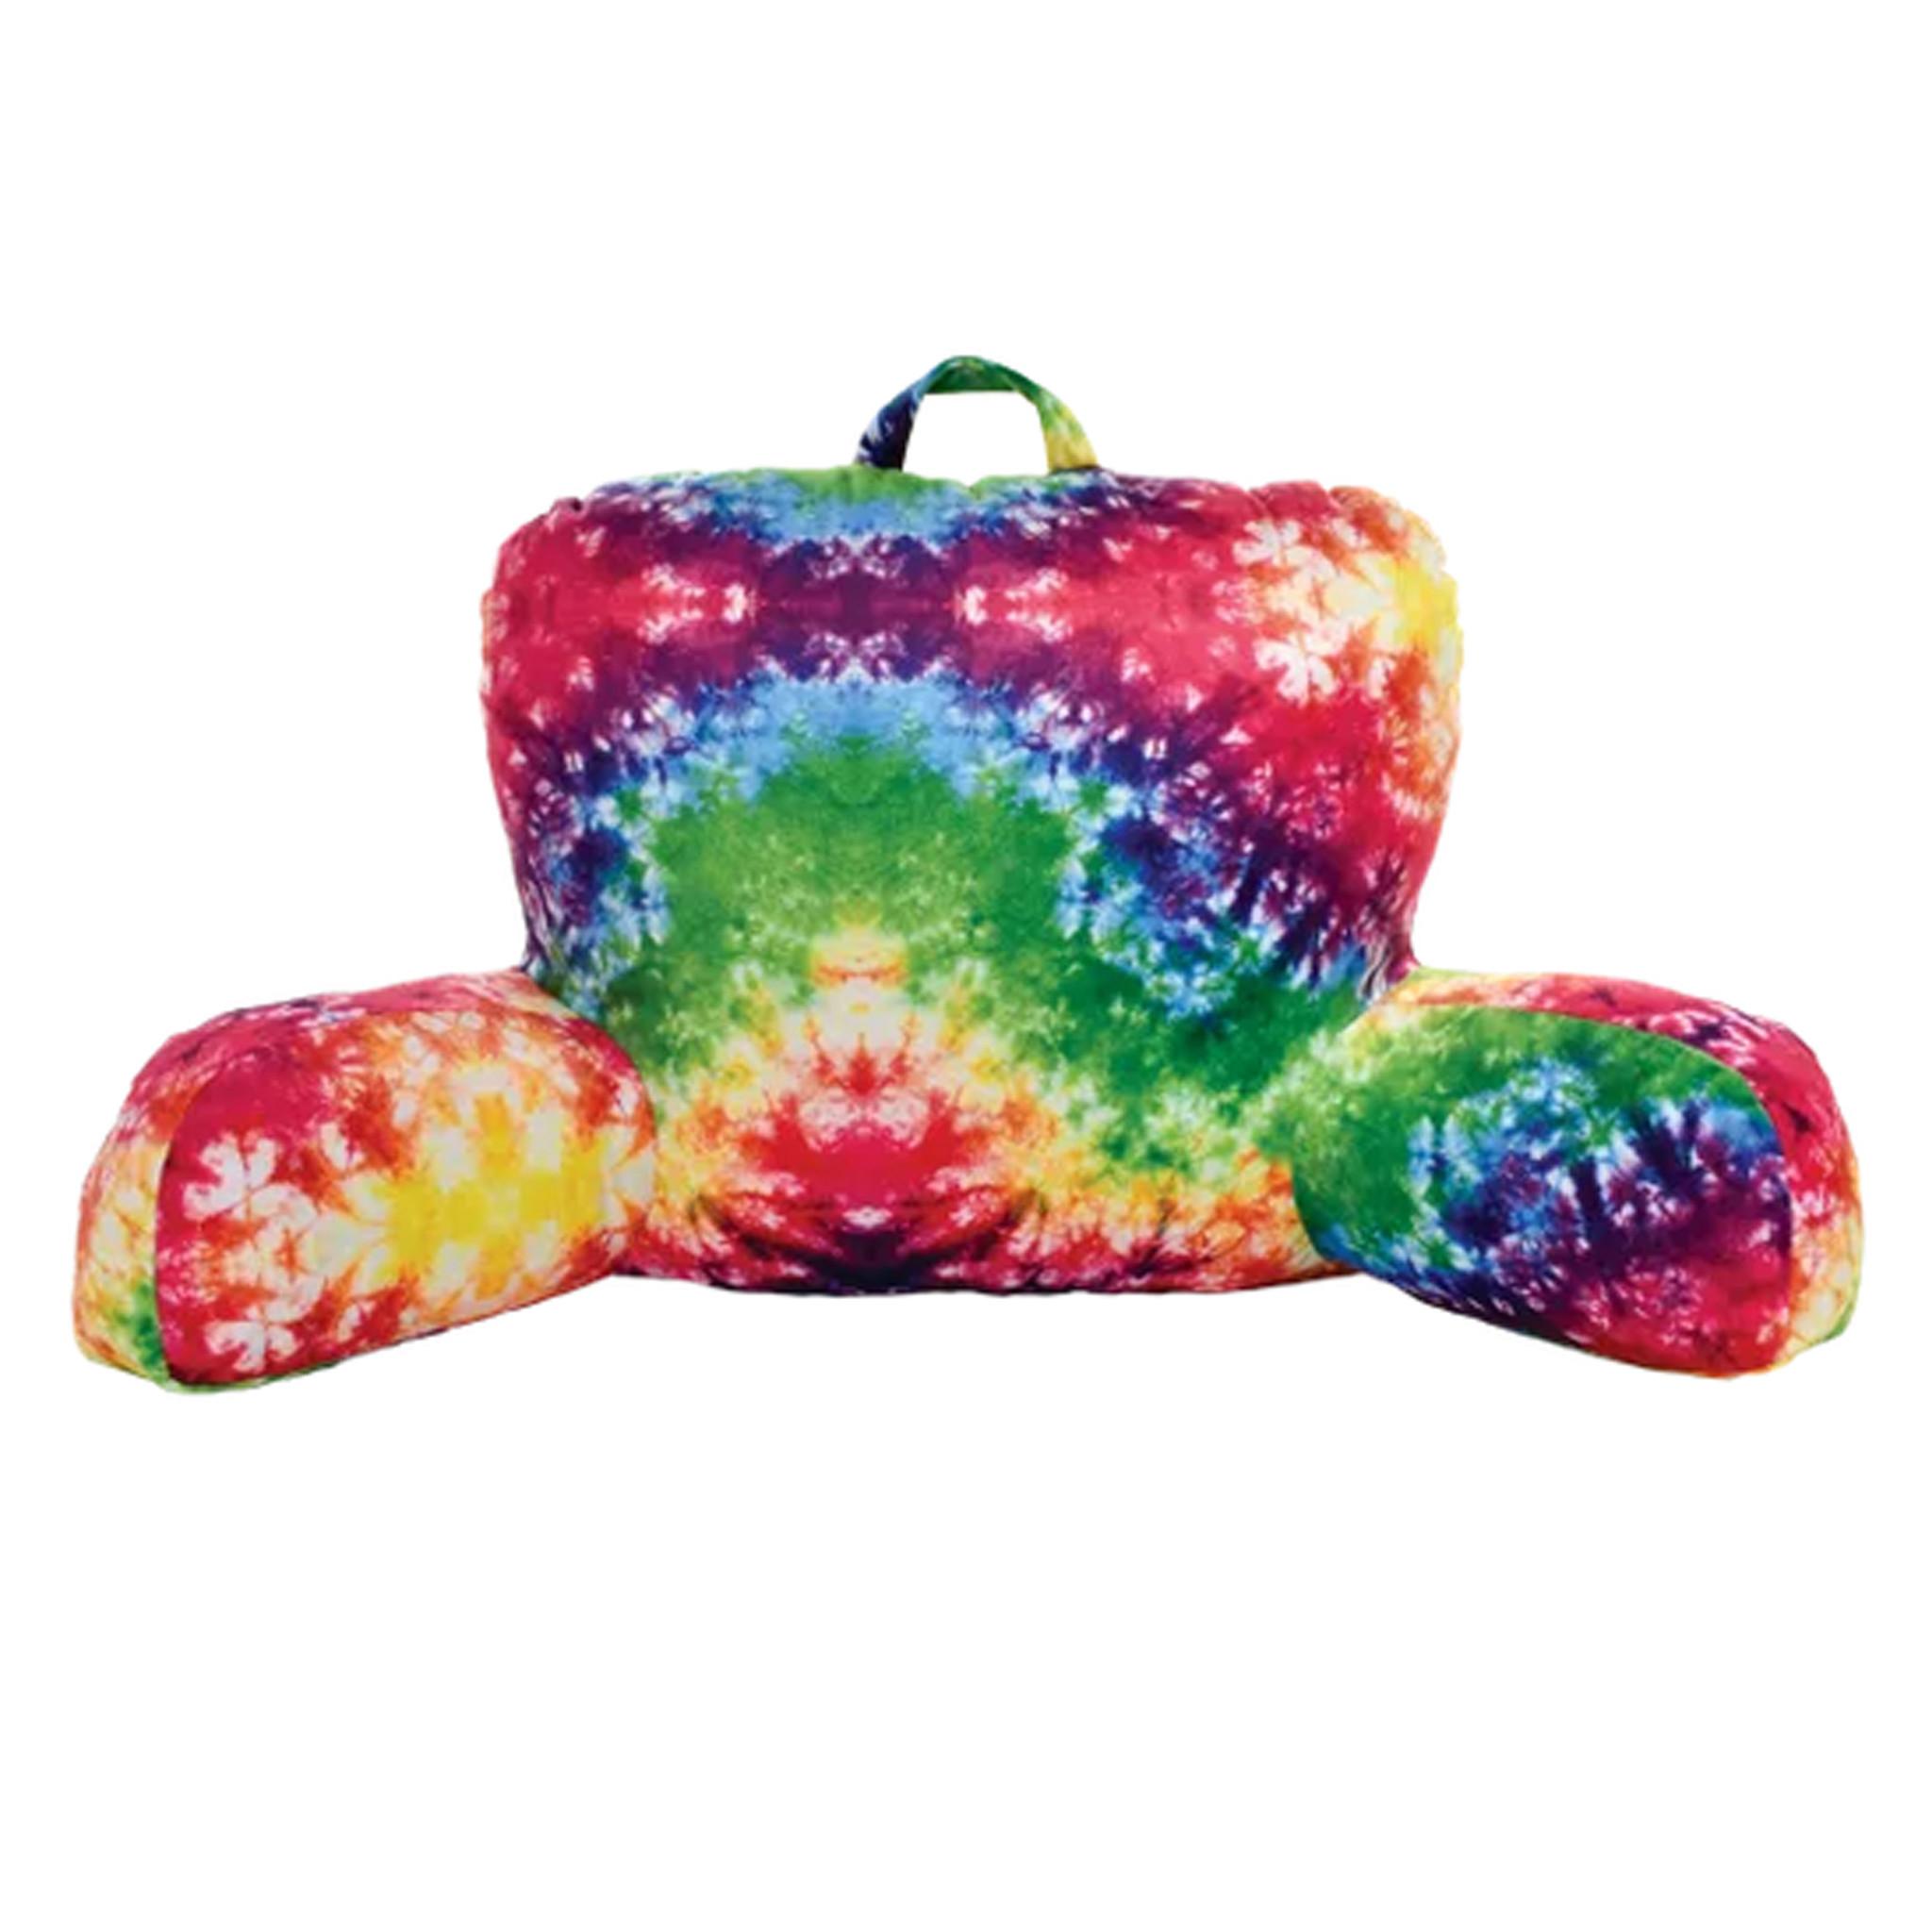 iScream Rainbow Tie Dye Lounge Pillow